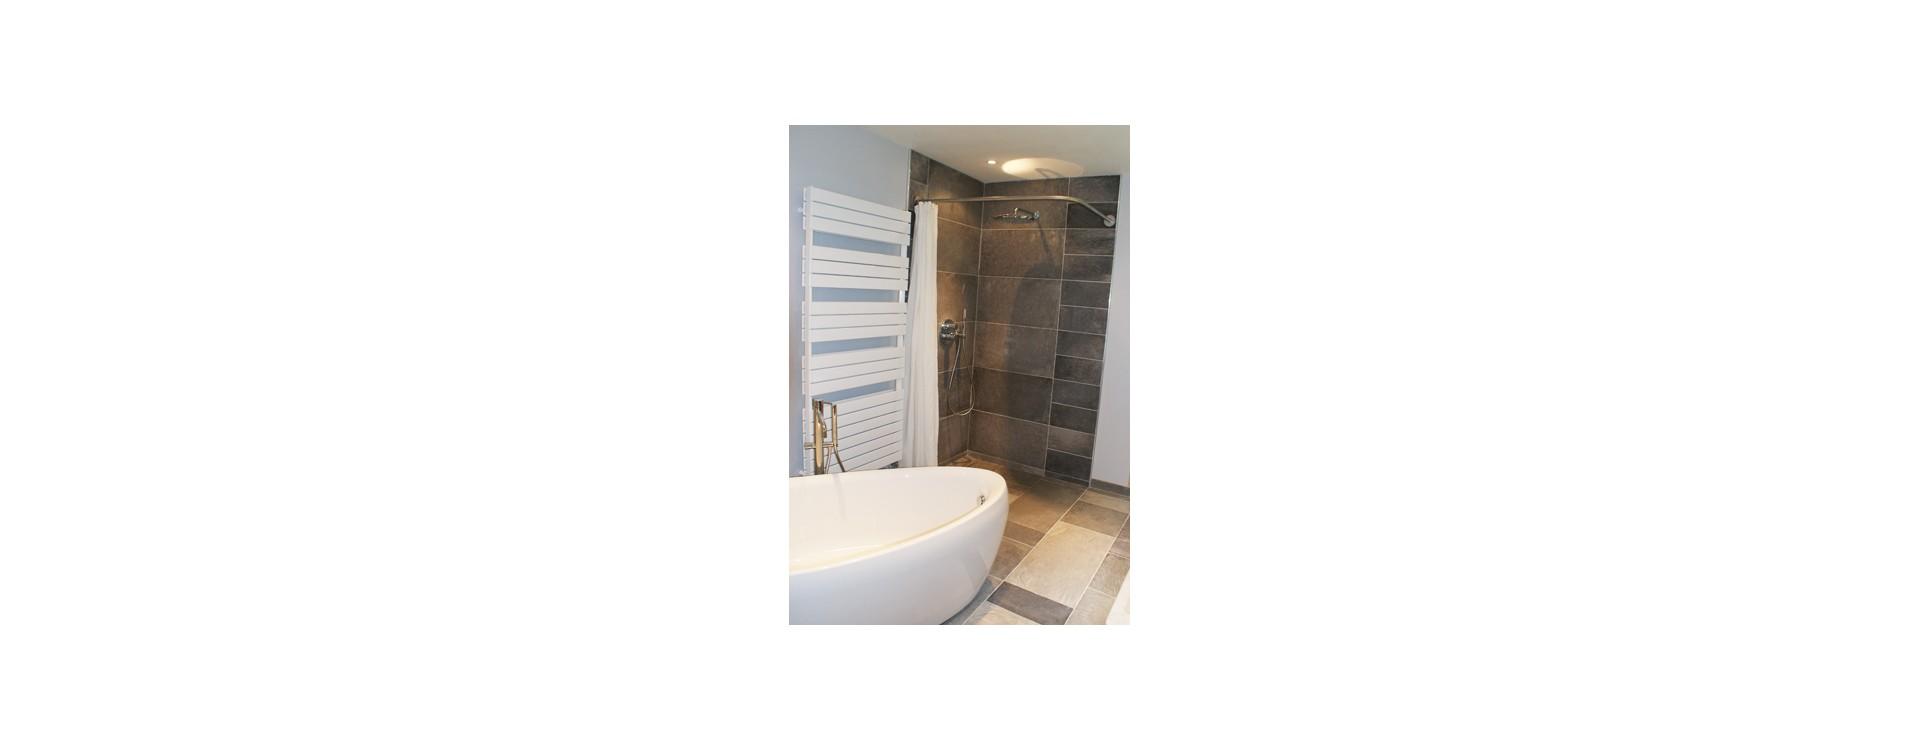 Douche italienne et rideau de douche avec baignoire îlot